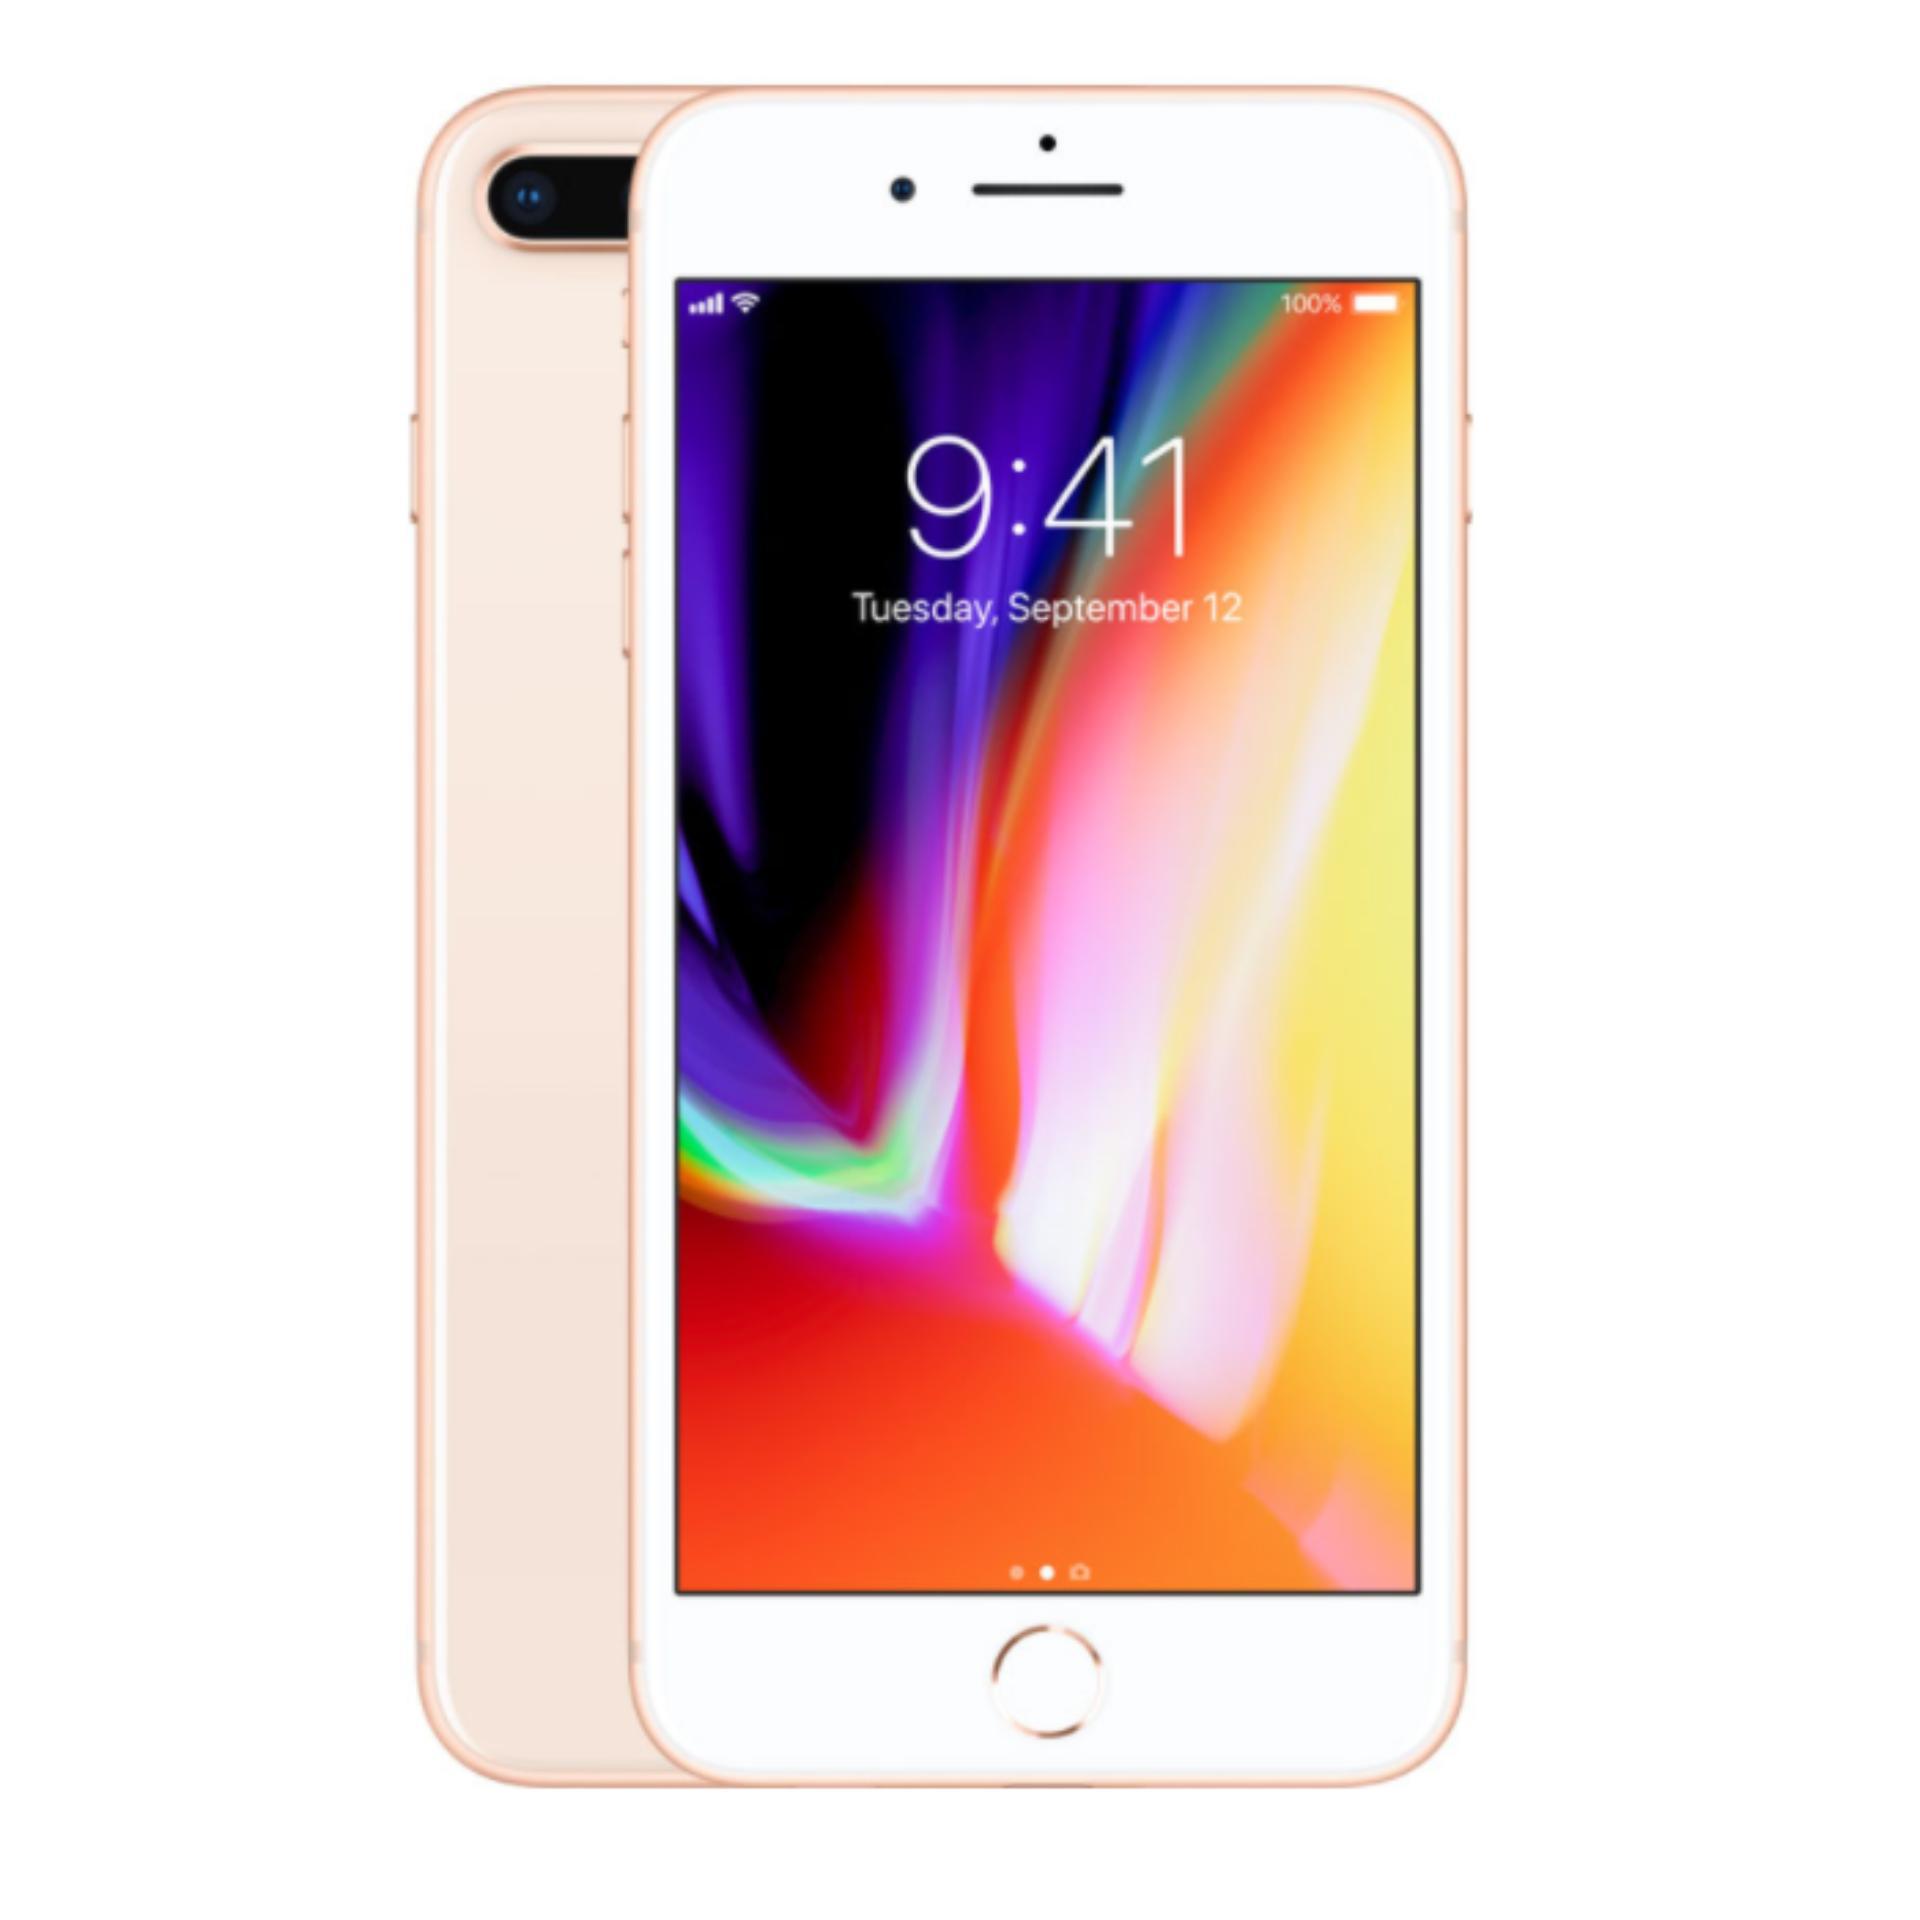 Giá Apple iPhone 8 Plus 256GB (Vàng) – Hàng nhập khẩu Tại Kho Hàng VN (Tp.HCM)